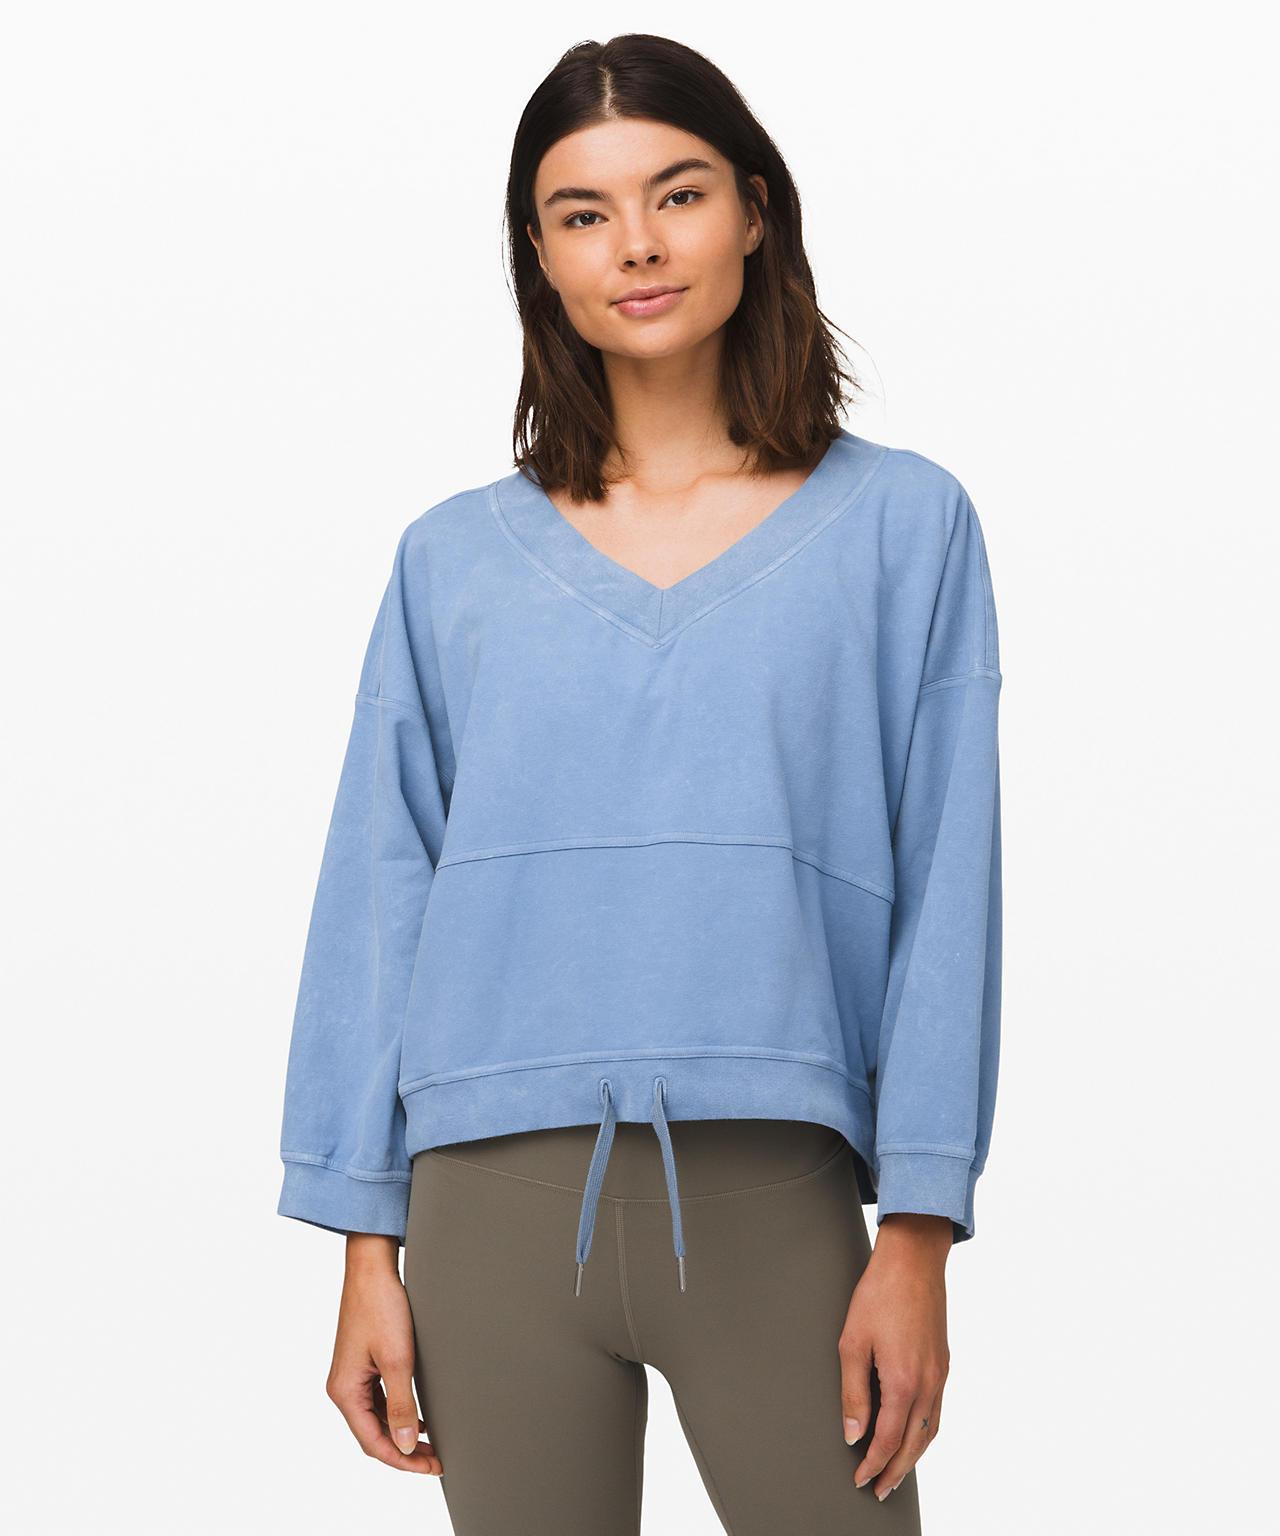 dare the day pullover